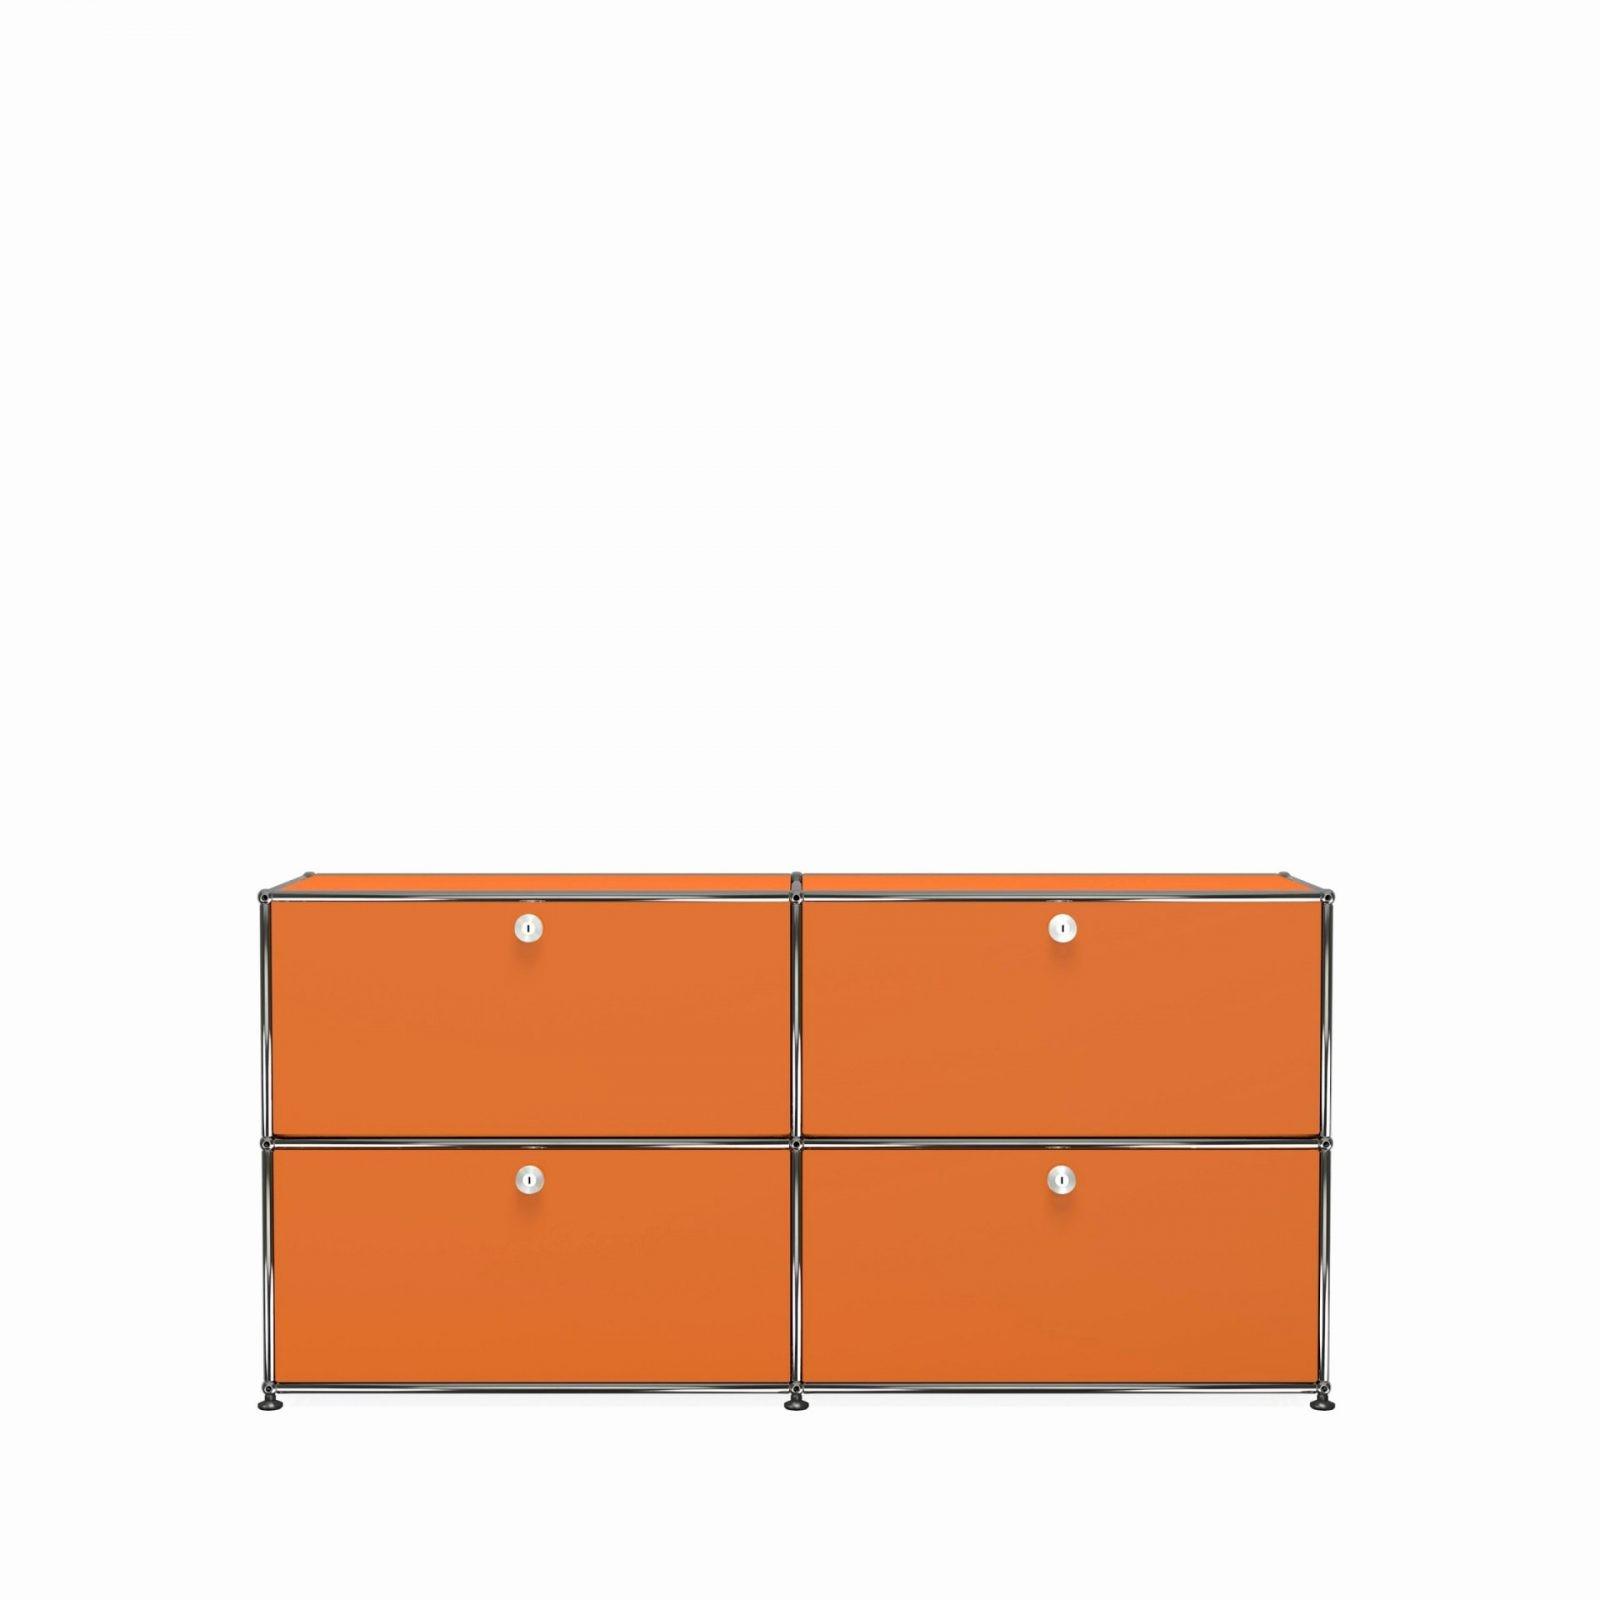 Usm Haller Gebraucht Sideboard Designs Usm Haller Regale Luxury Usm von Usm Haller Gebraucht Kaufen Bild